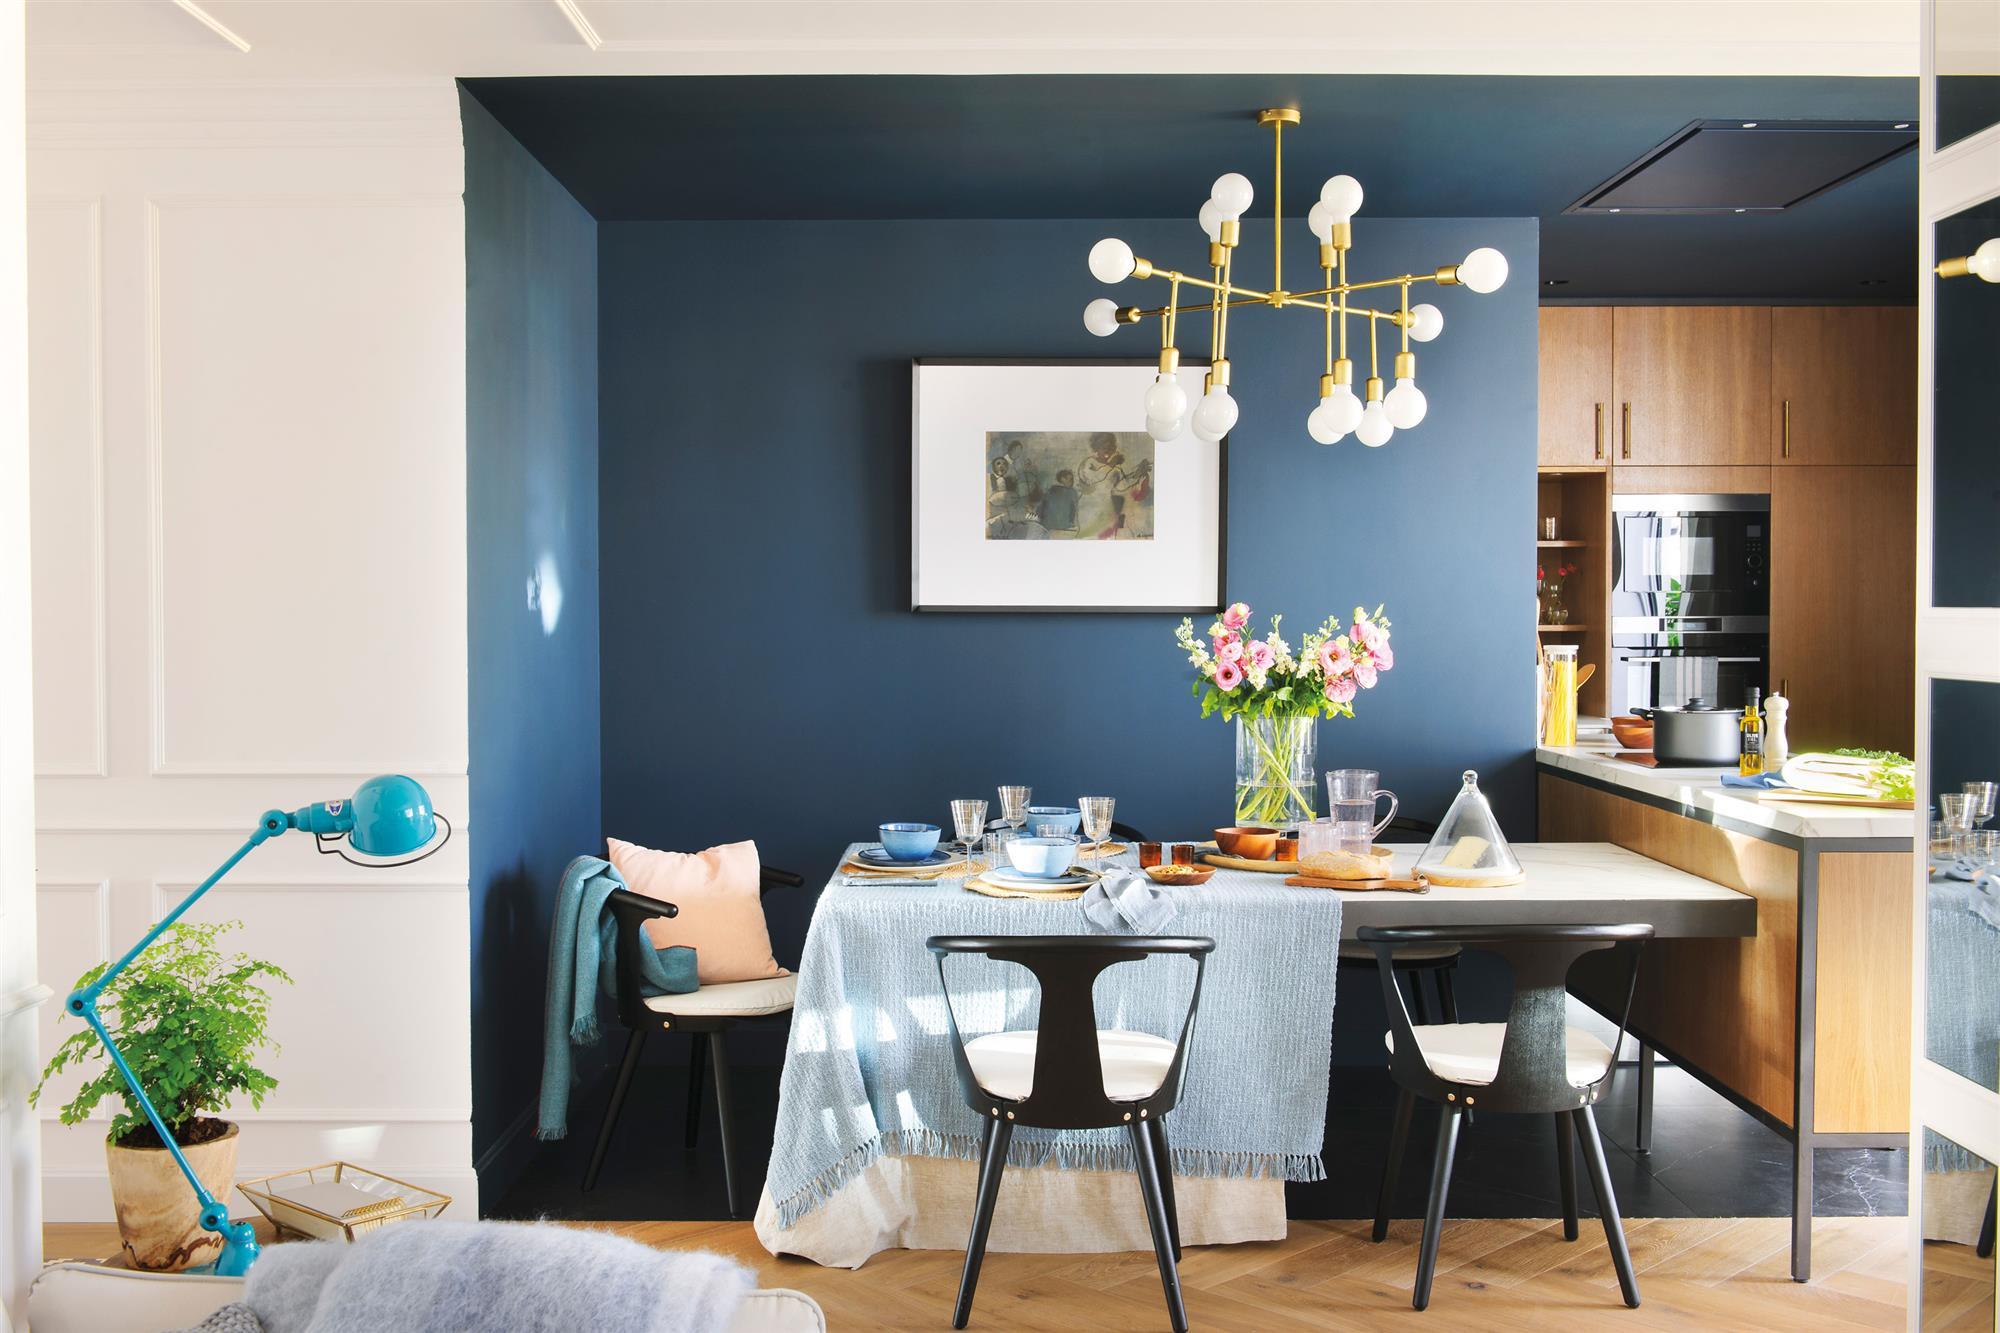 Tendencias de pintura para las paredes - Combina colores en paredes ...